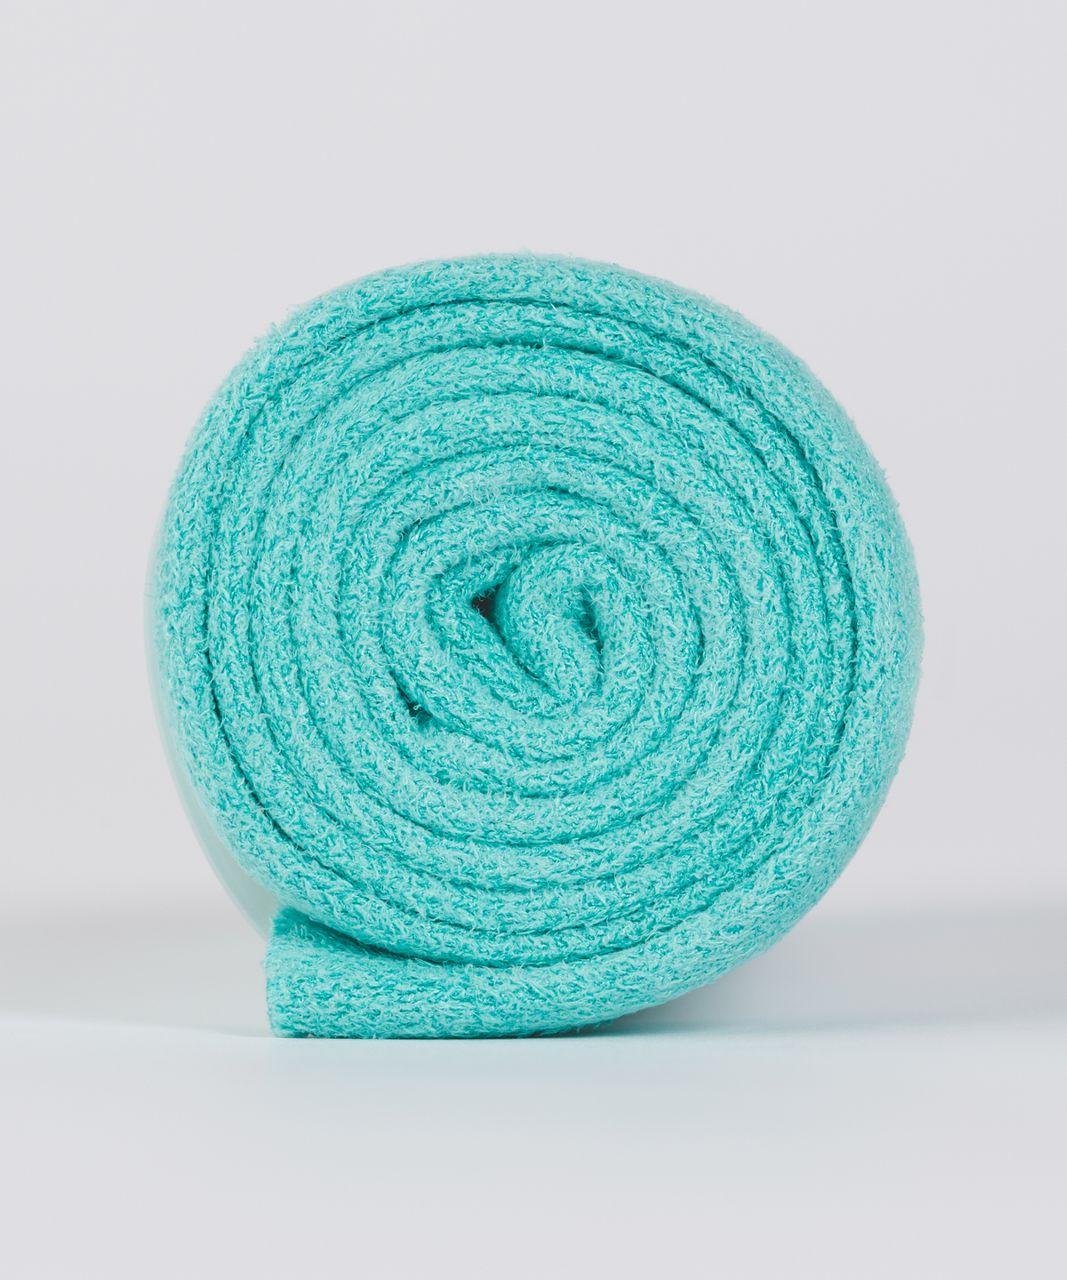 Lululemon The (Small) Towel - Seaside